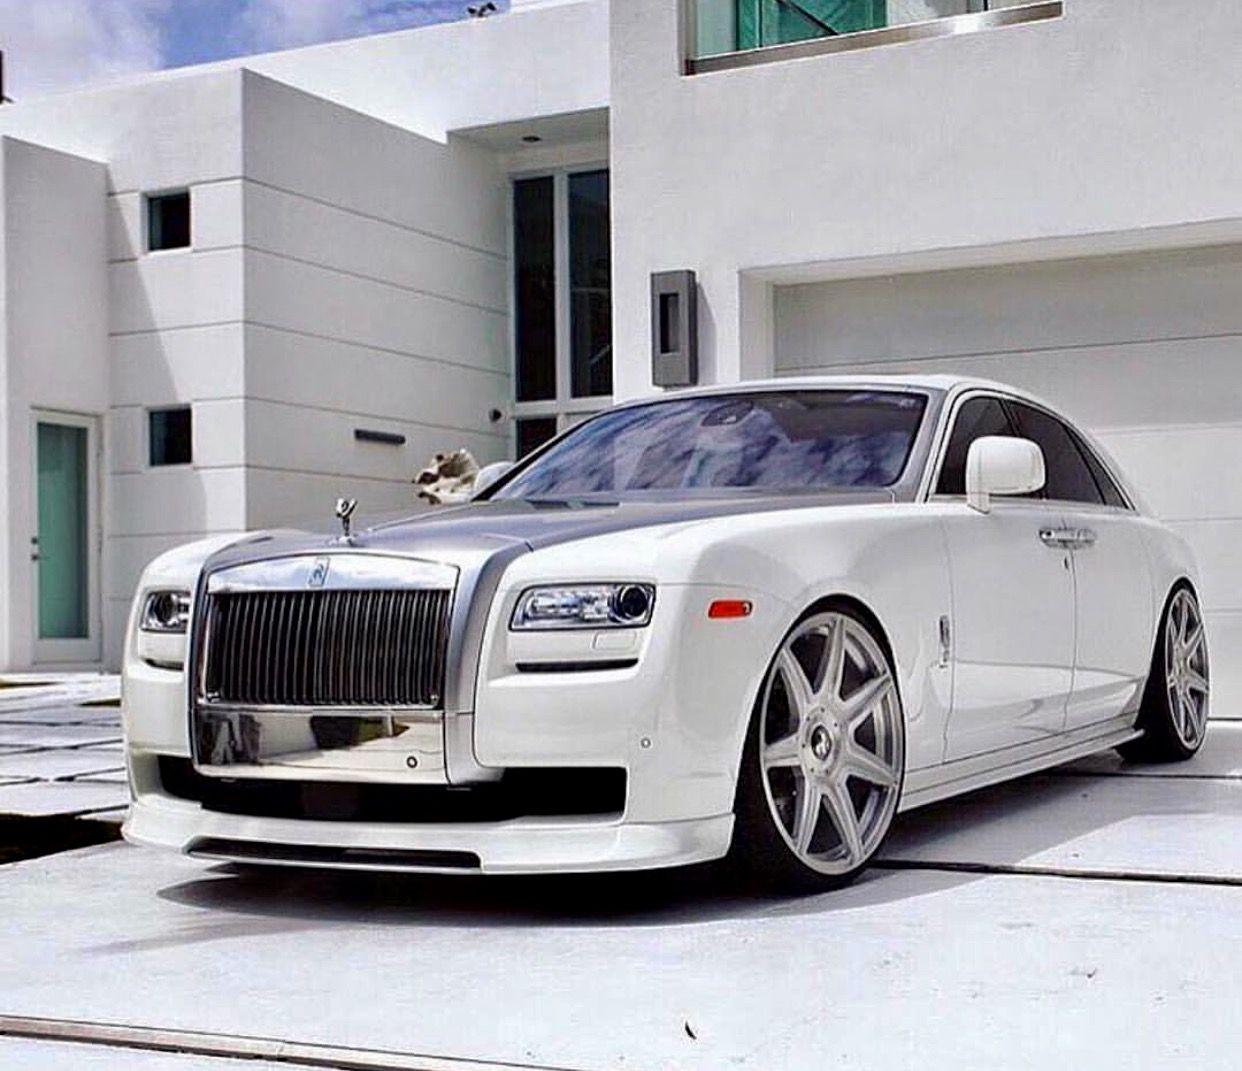 Rolls Royce, Rolls Royce